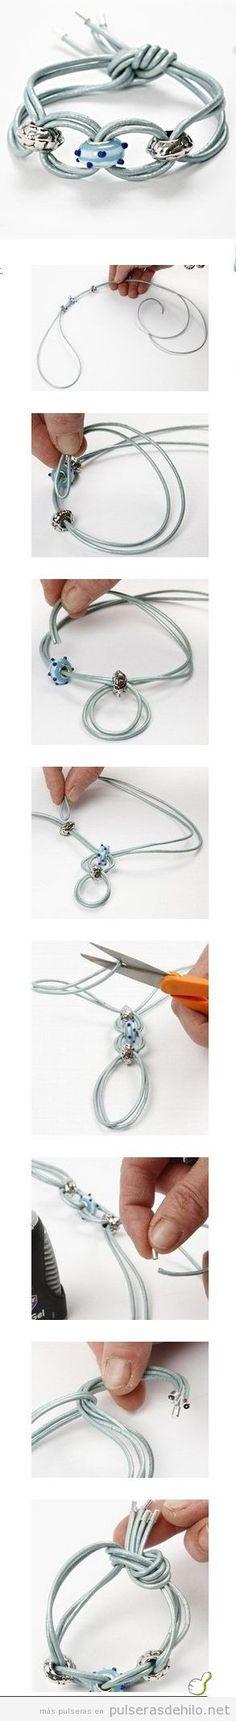 Pulsera DIY con cuerdas, paso a paso